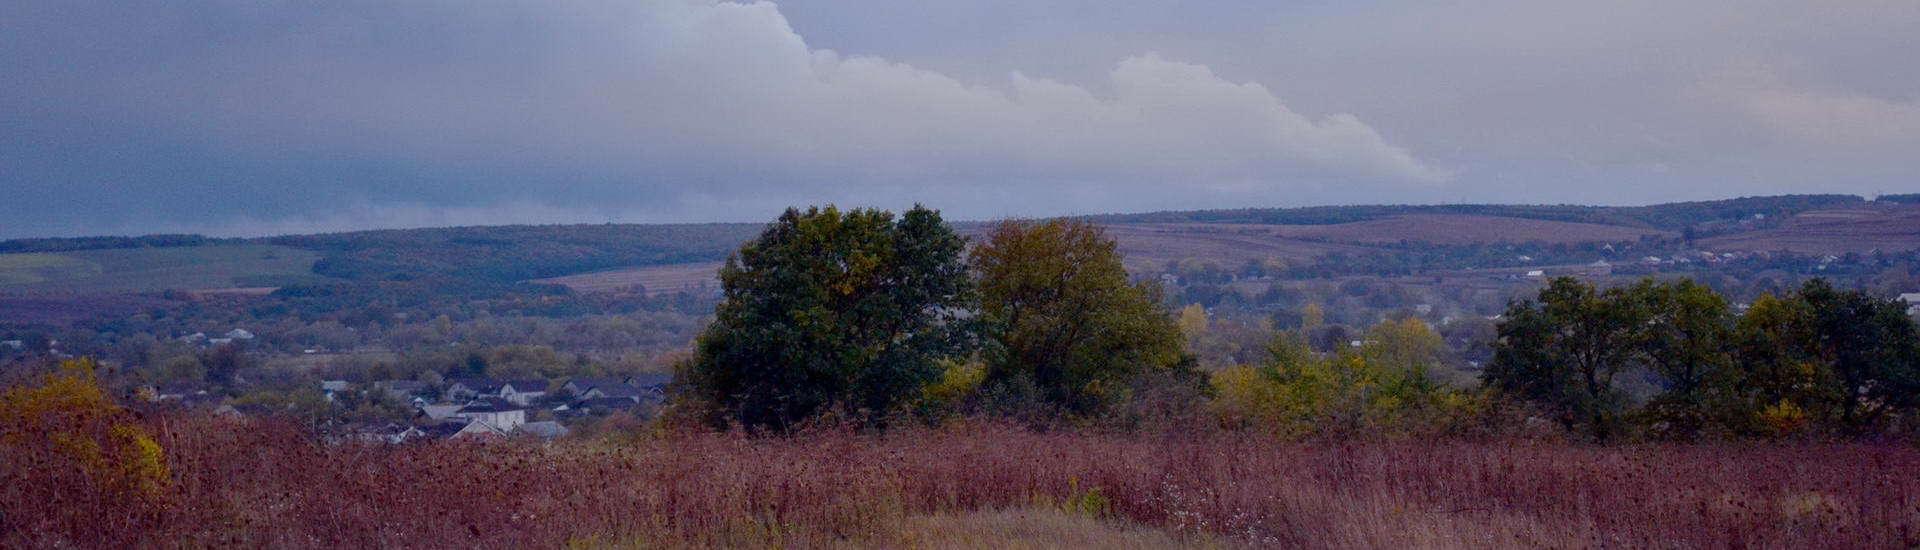 Галичский район, панорама села Дубовцы